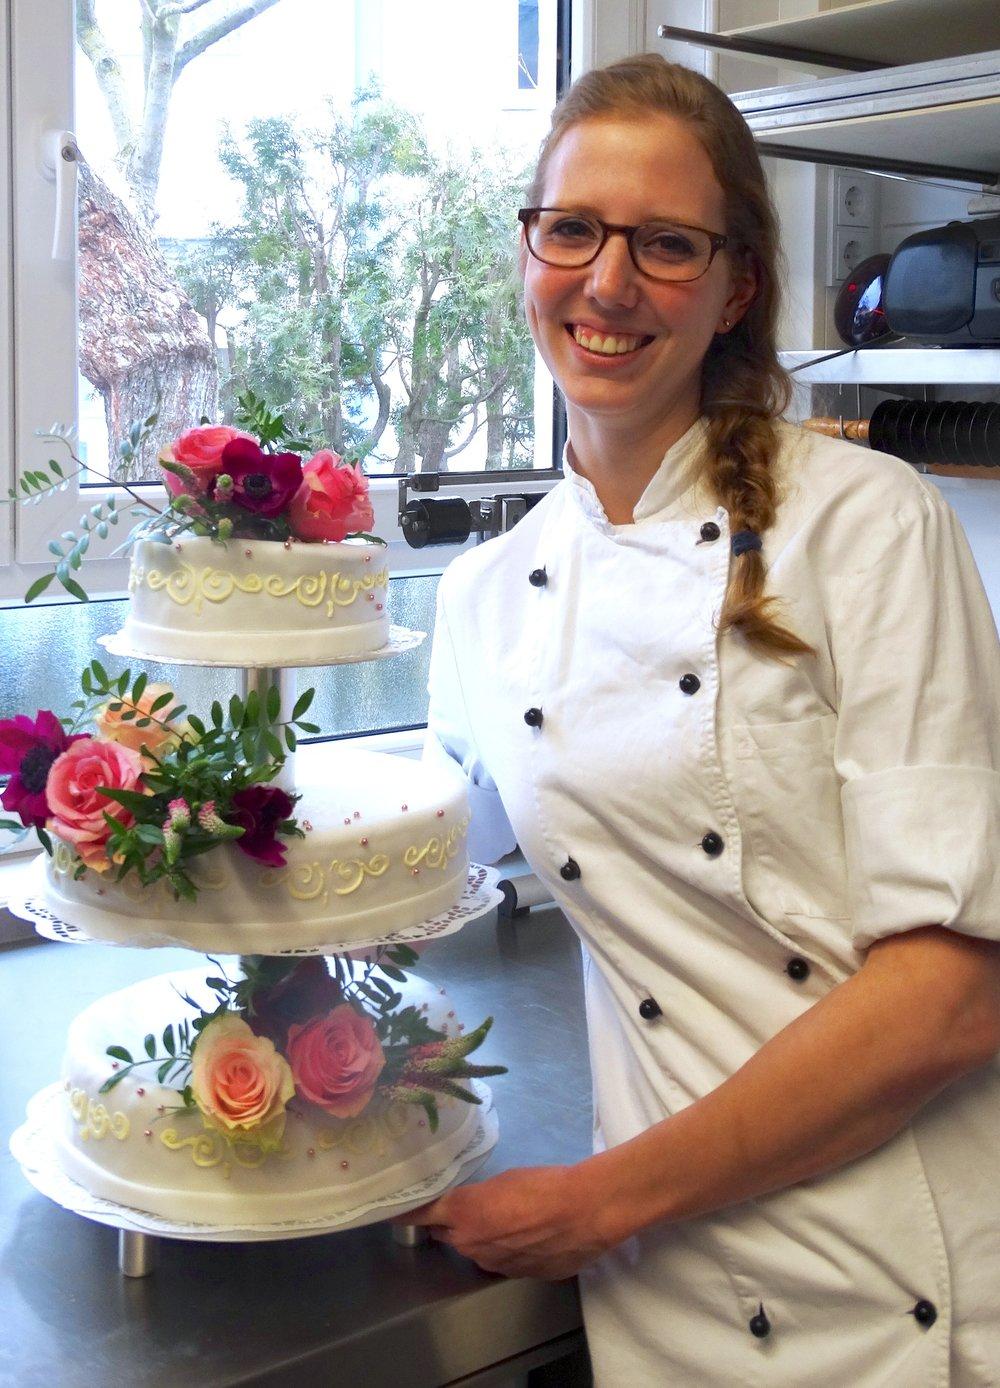 Vegane Hochzeitstorte von Caro, mit Leib und Seele Konditormeisterin. Unbedingt probieren!  Carolin Dezius,  www.carolindezius.jimdo.com